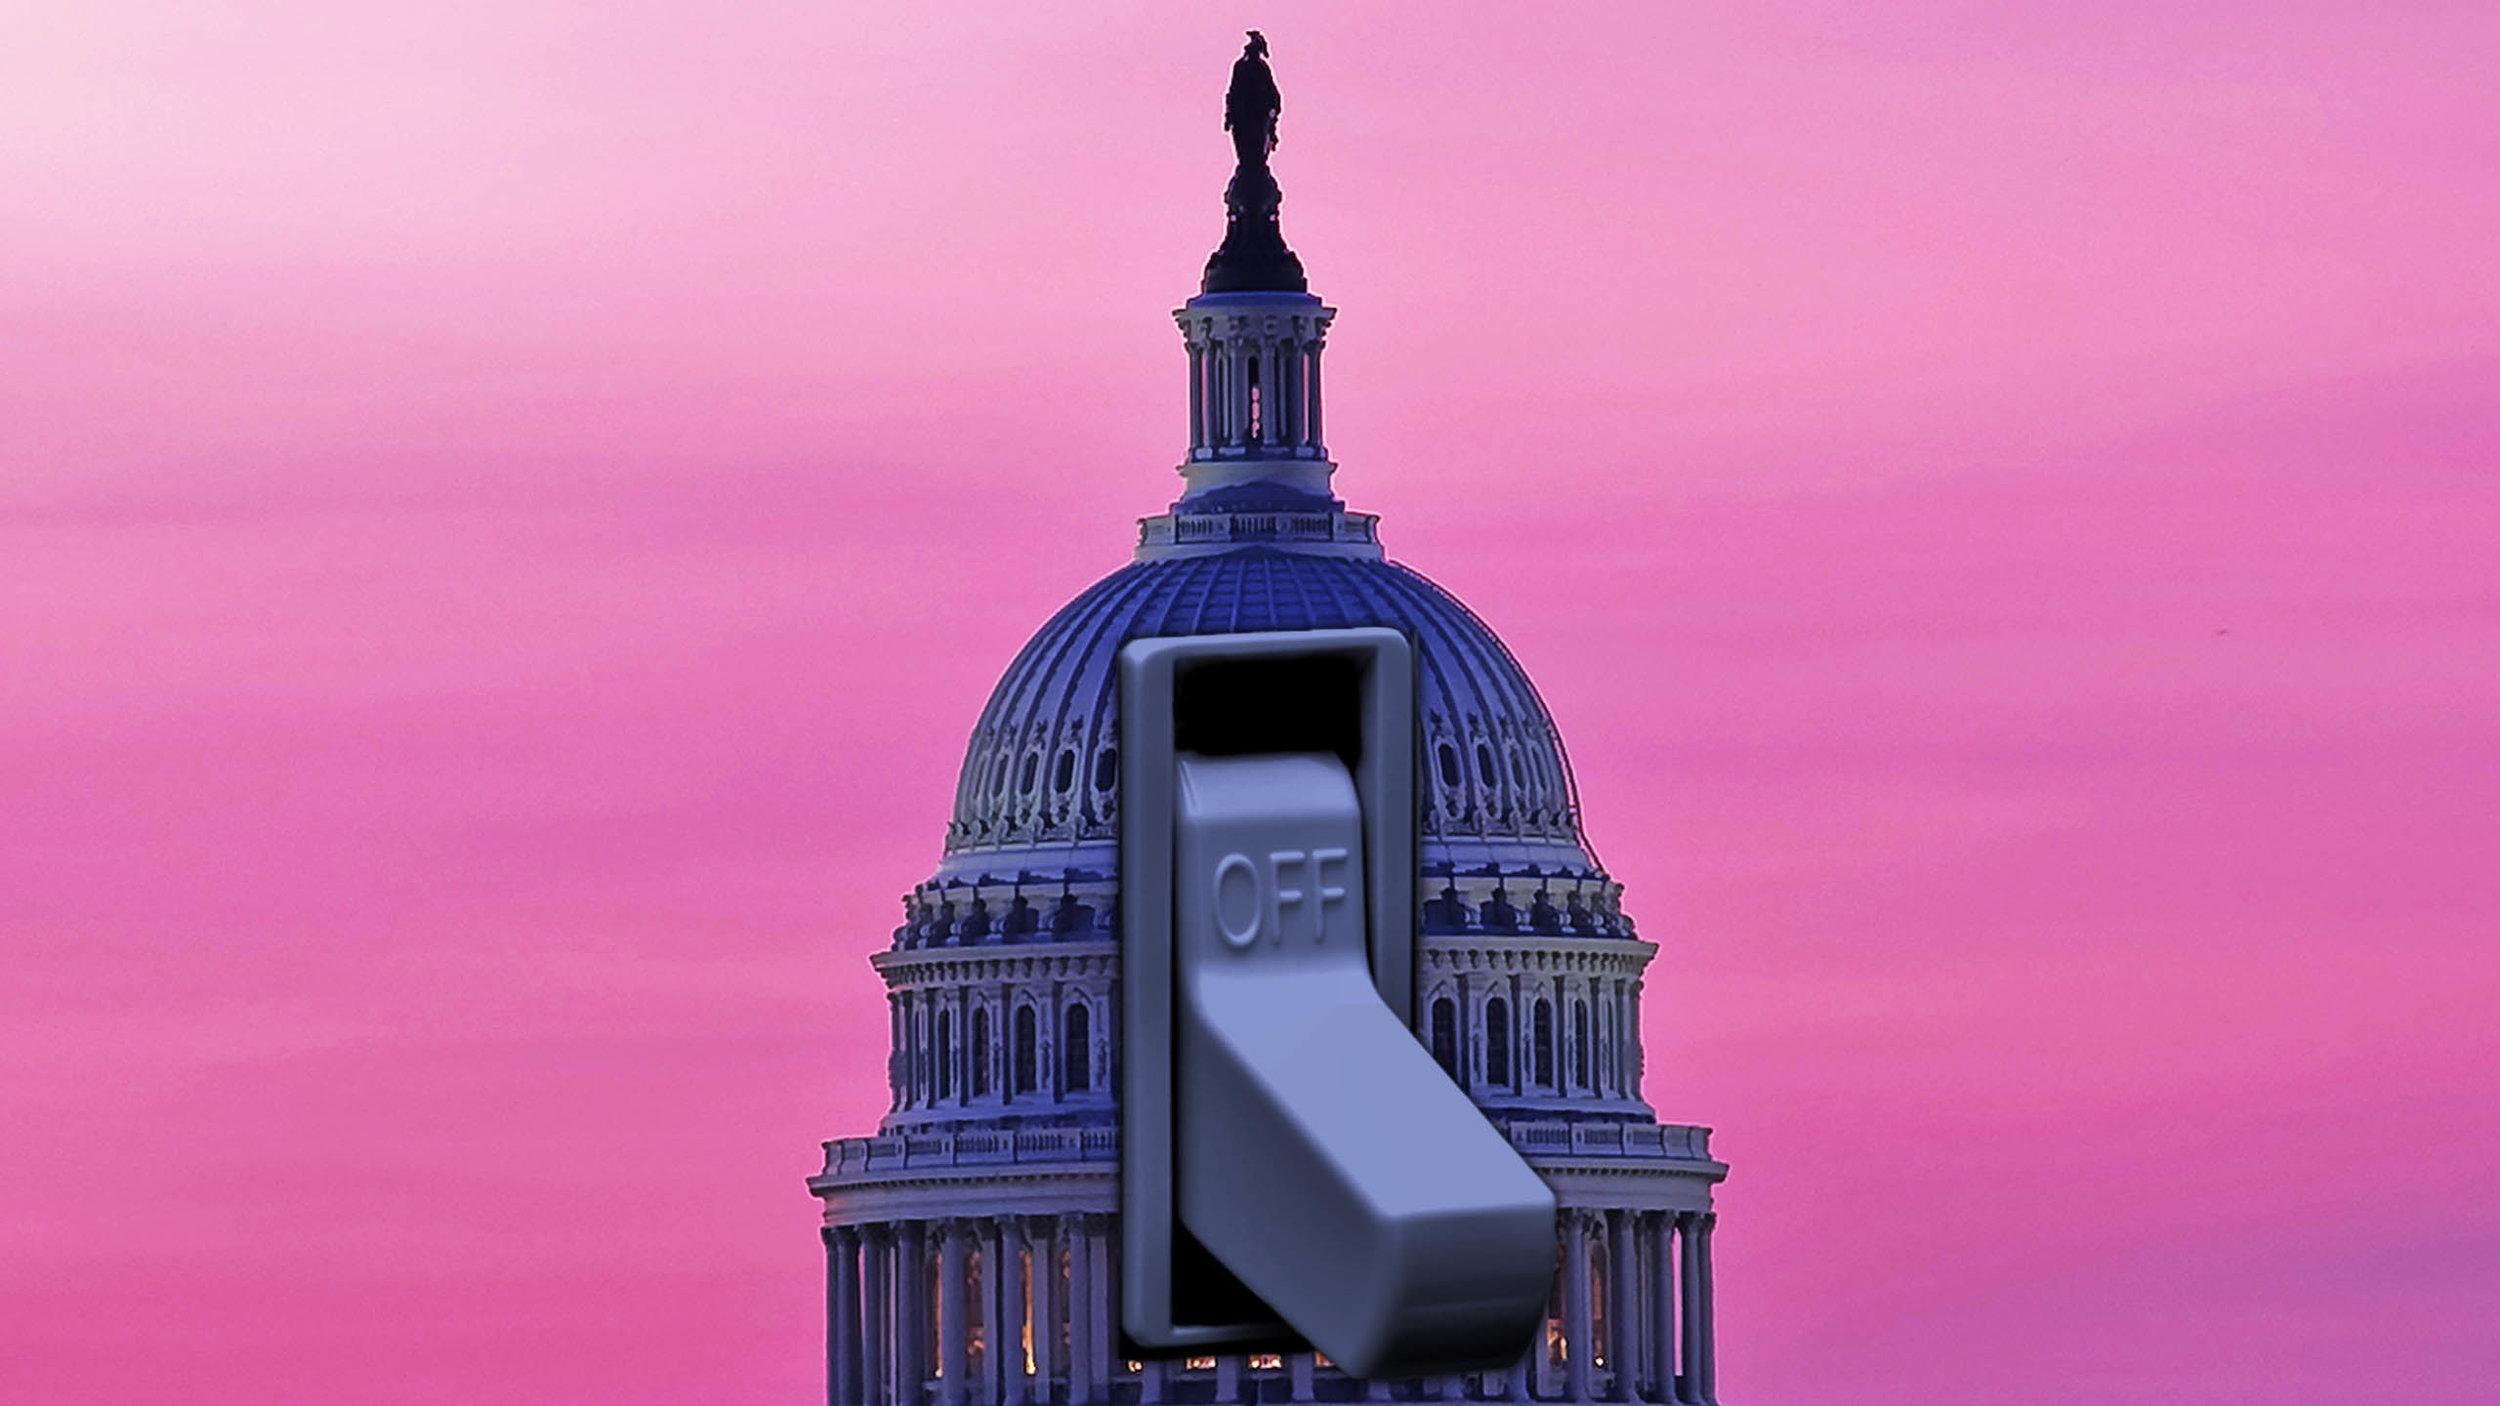 180122-shutdown-tease.jpg